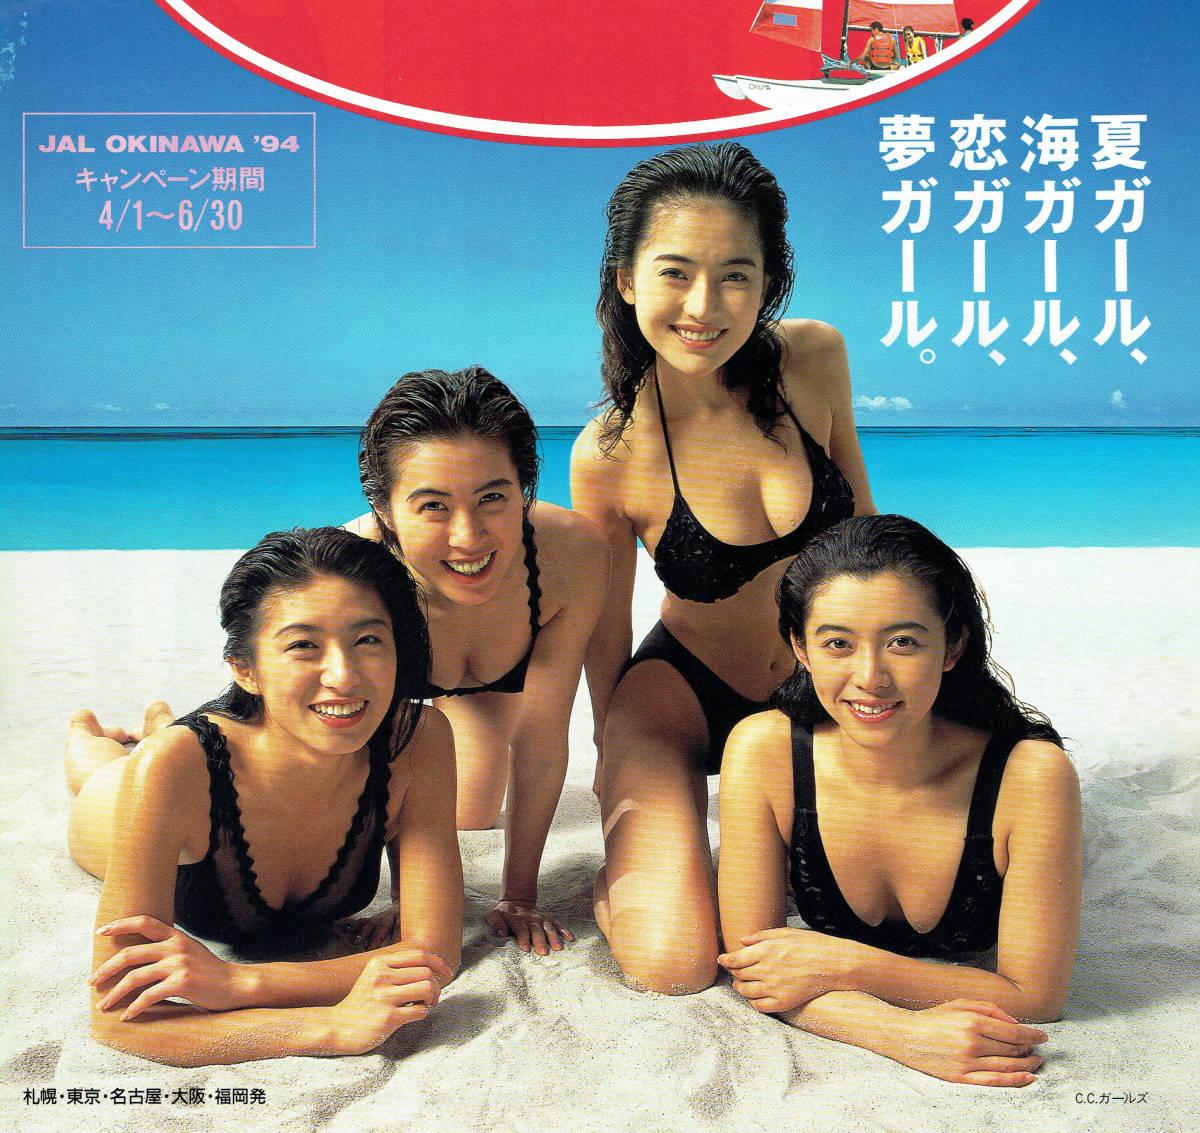 ヤフオク! - '94 JAL STORY 沖縄&島々スケッチブック沖縄パ...